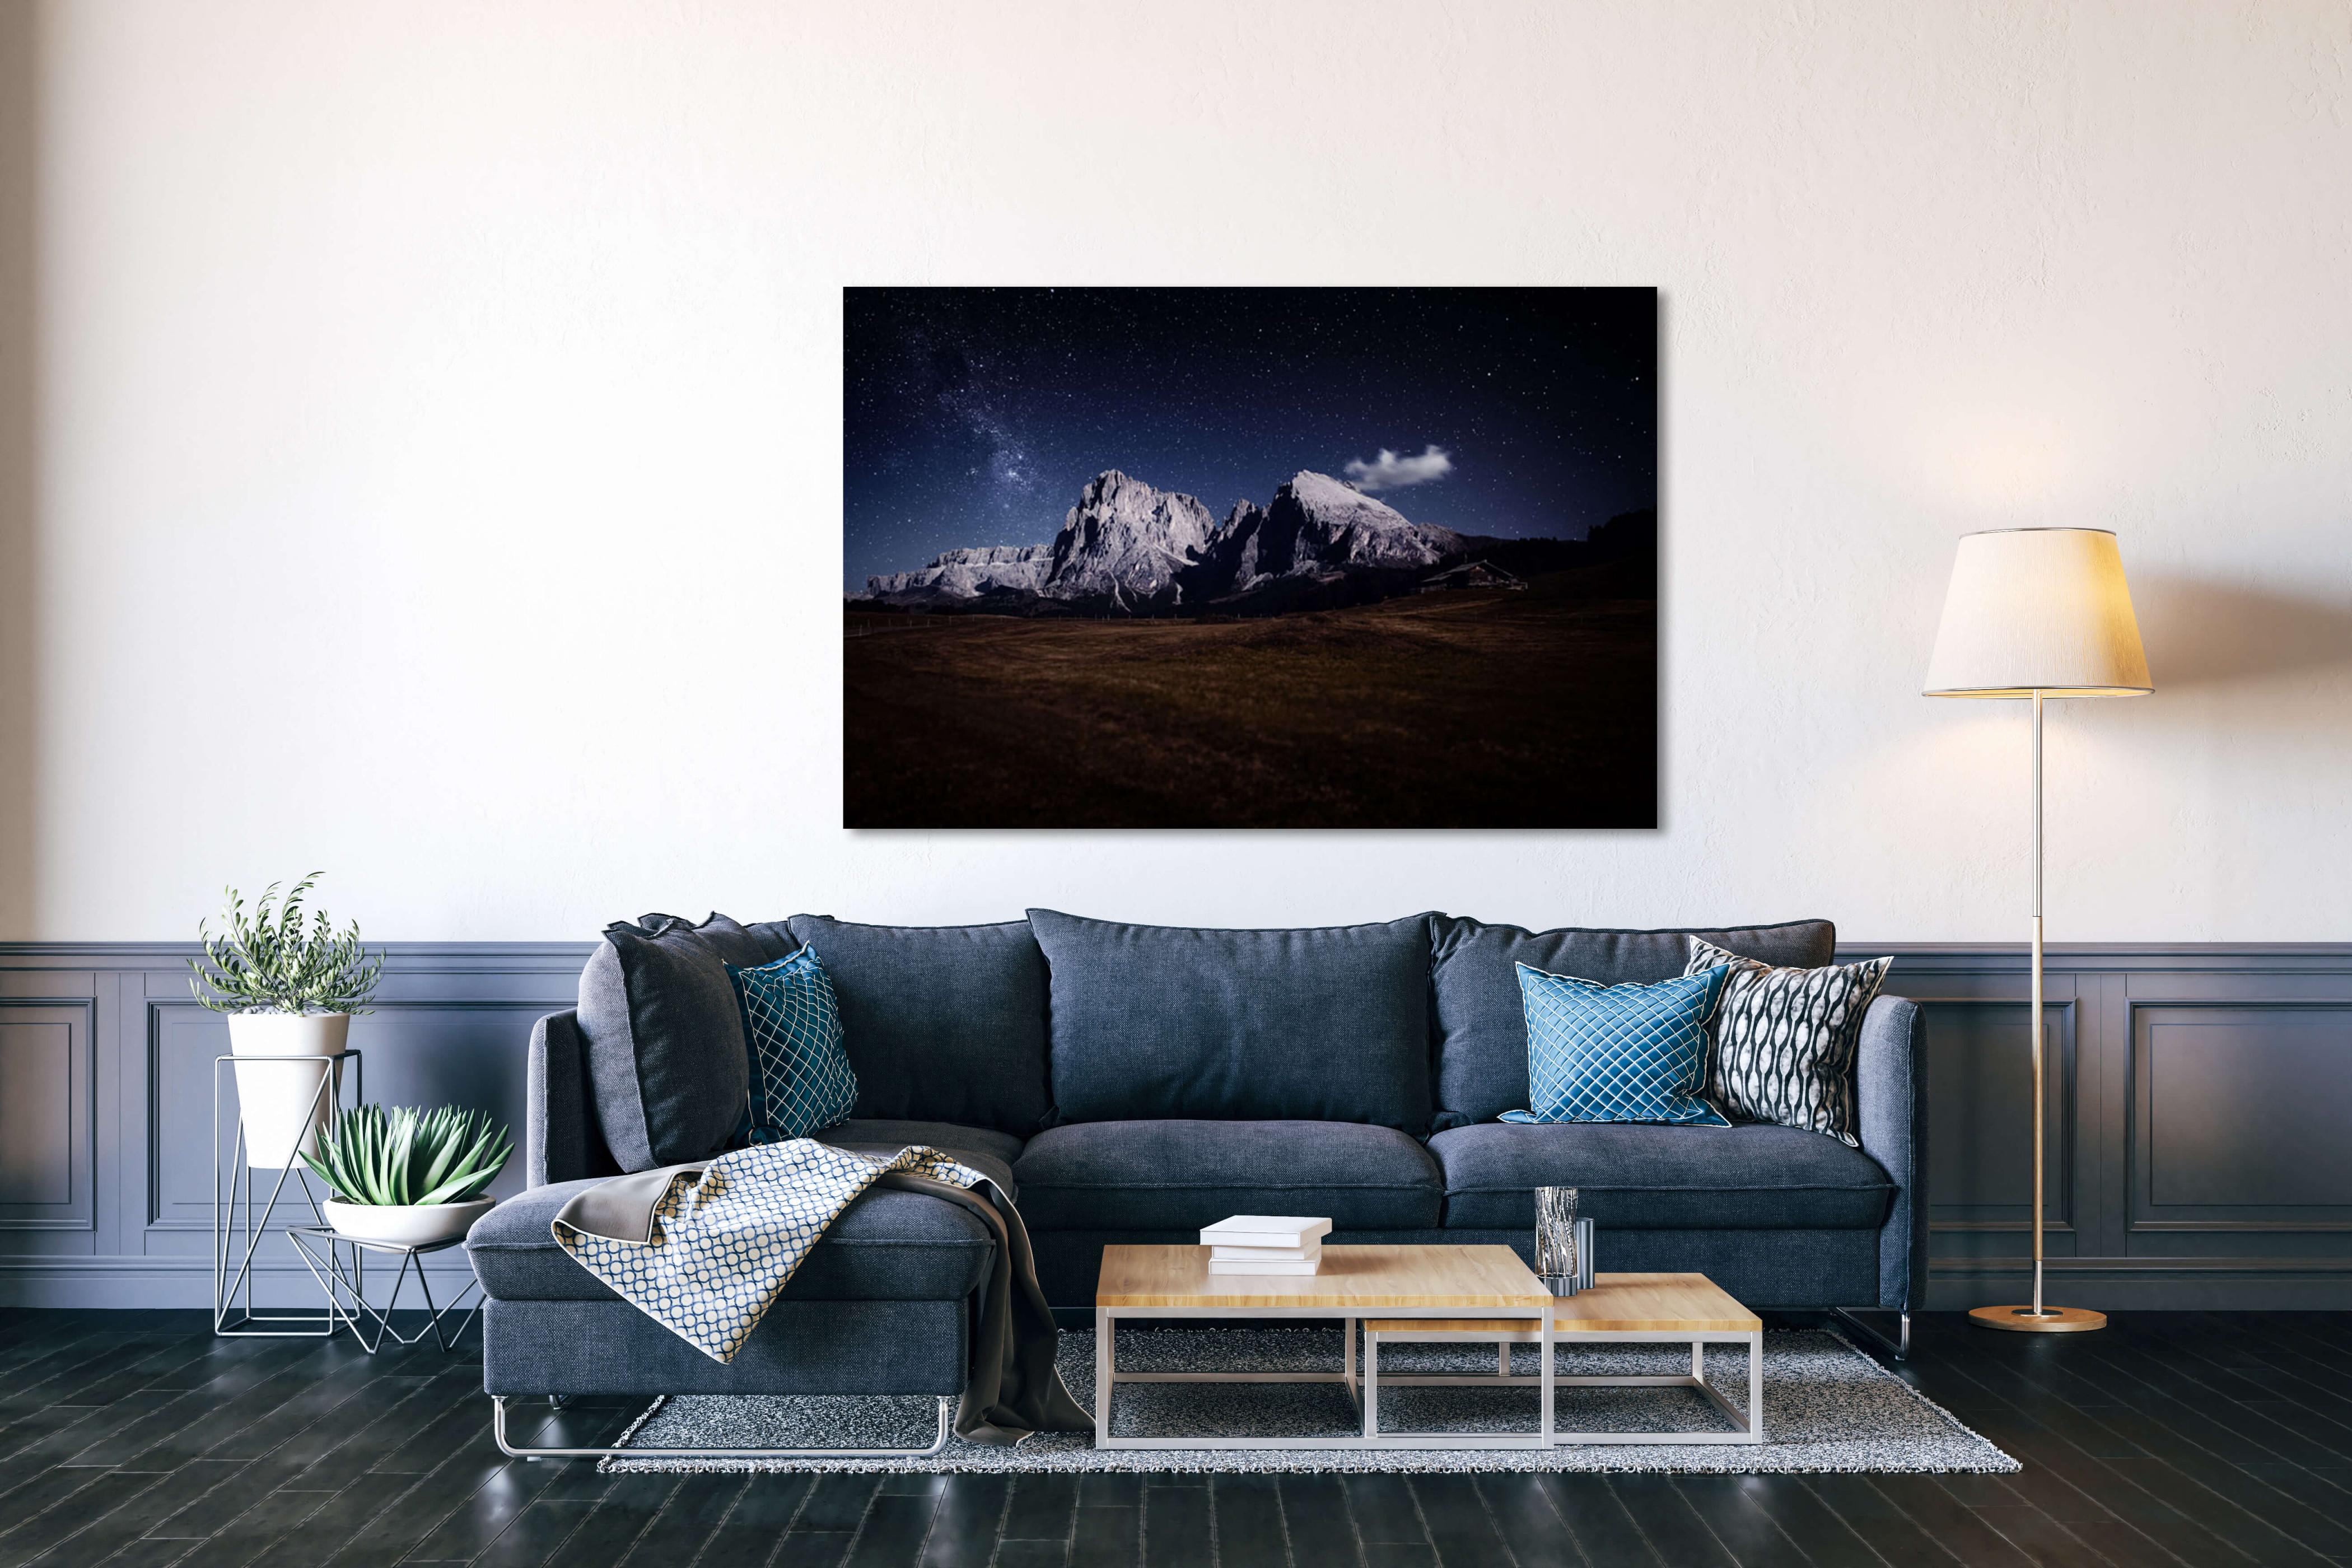 Wandbilder Fürs Wohnzimmer • Nugloss Blog • Tipps Für von Bilder Im Wohnzimmer Bild